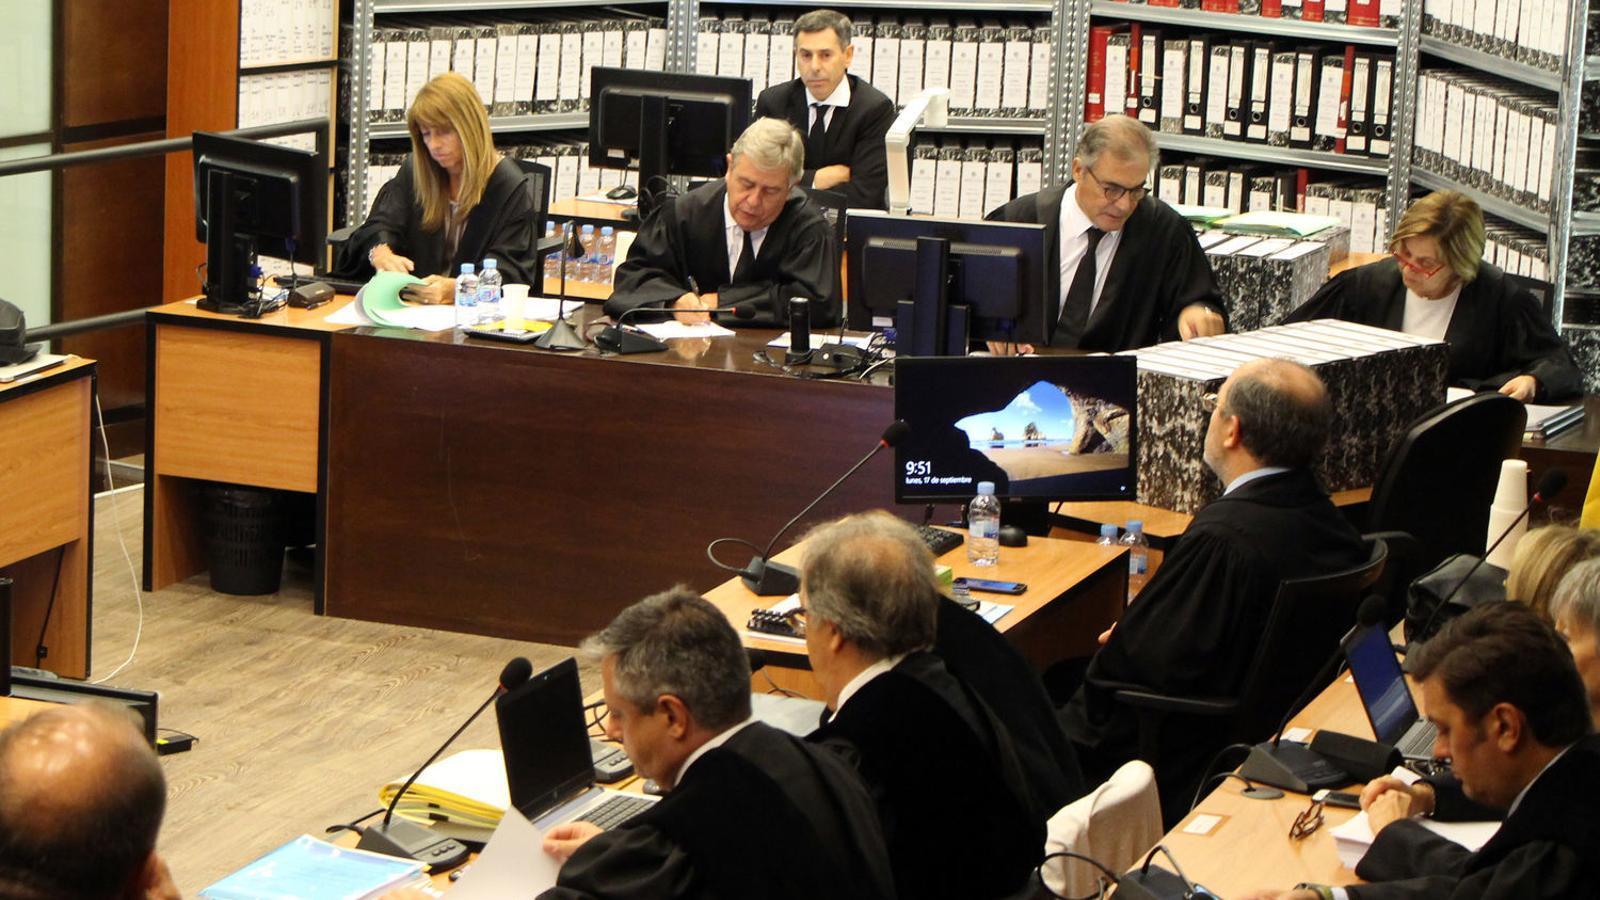 Un moment del judici del 17 de setembre, que es va cancel·lar pocs minuts després de començar. / C. G.